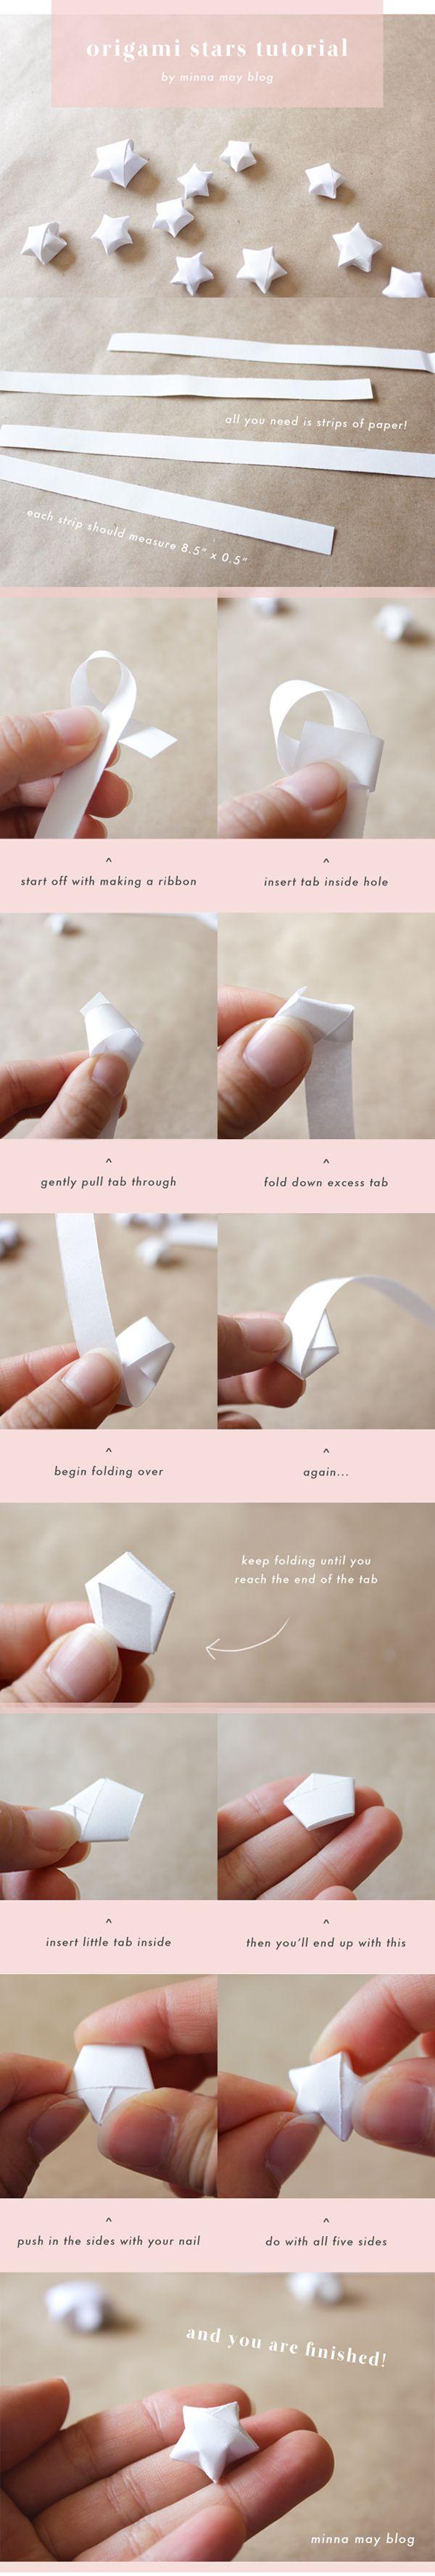 origami stars tutorial - minna may design + illustration